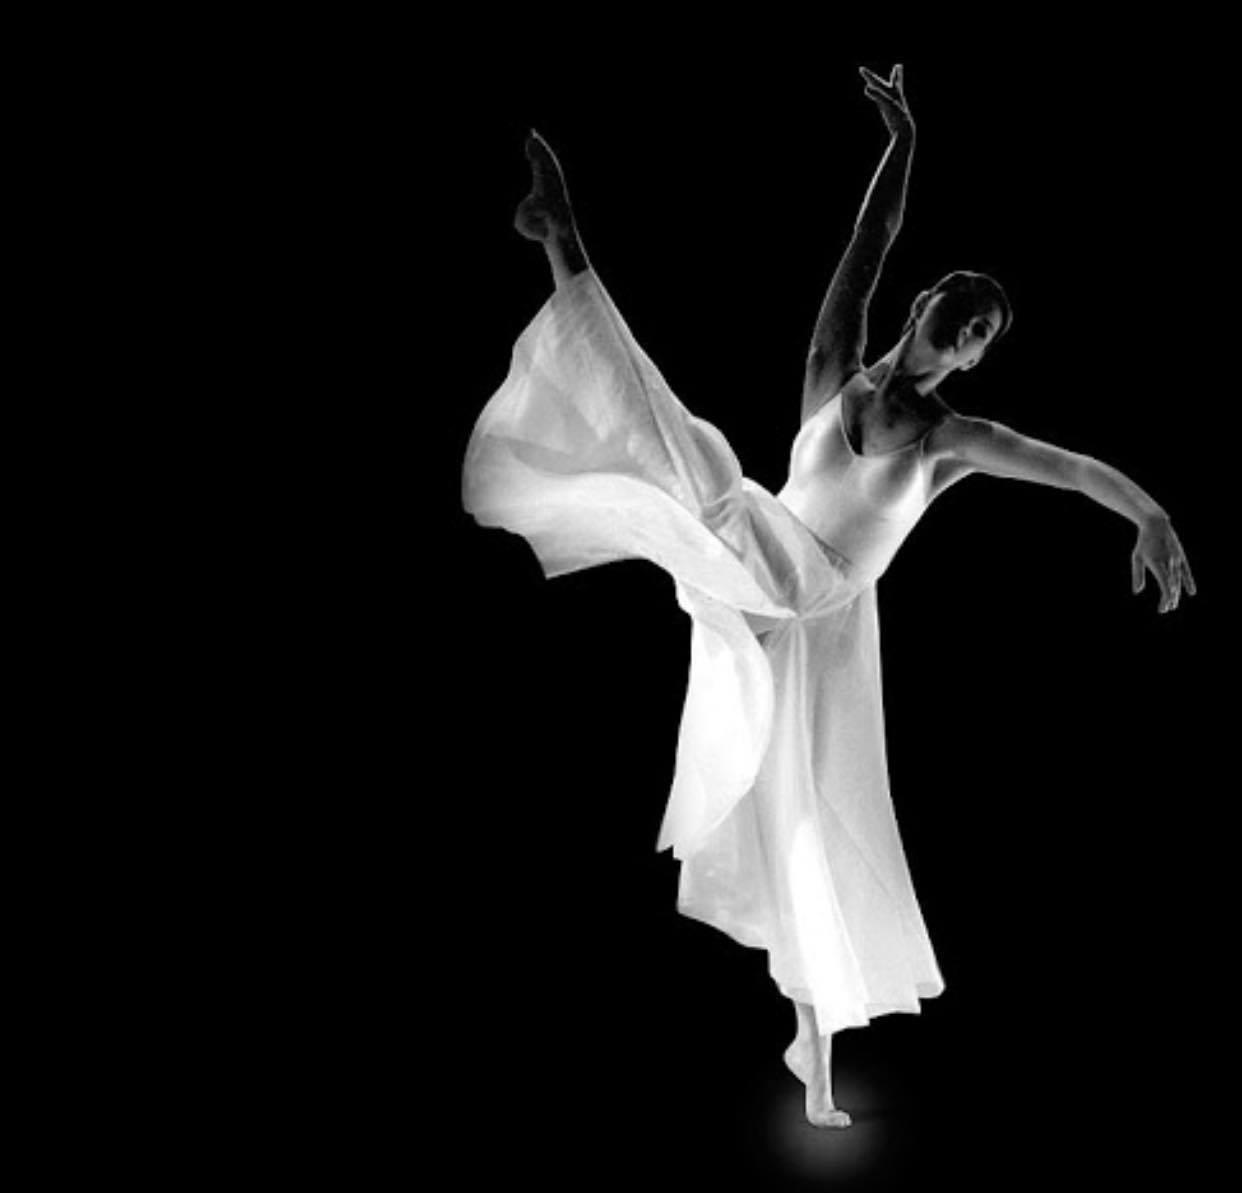 cours de danse contemporain en essonne